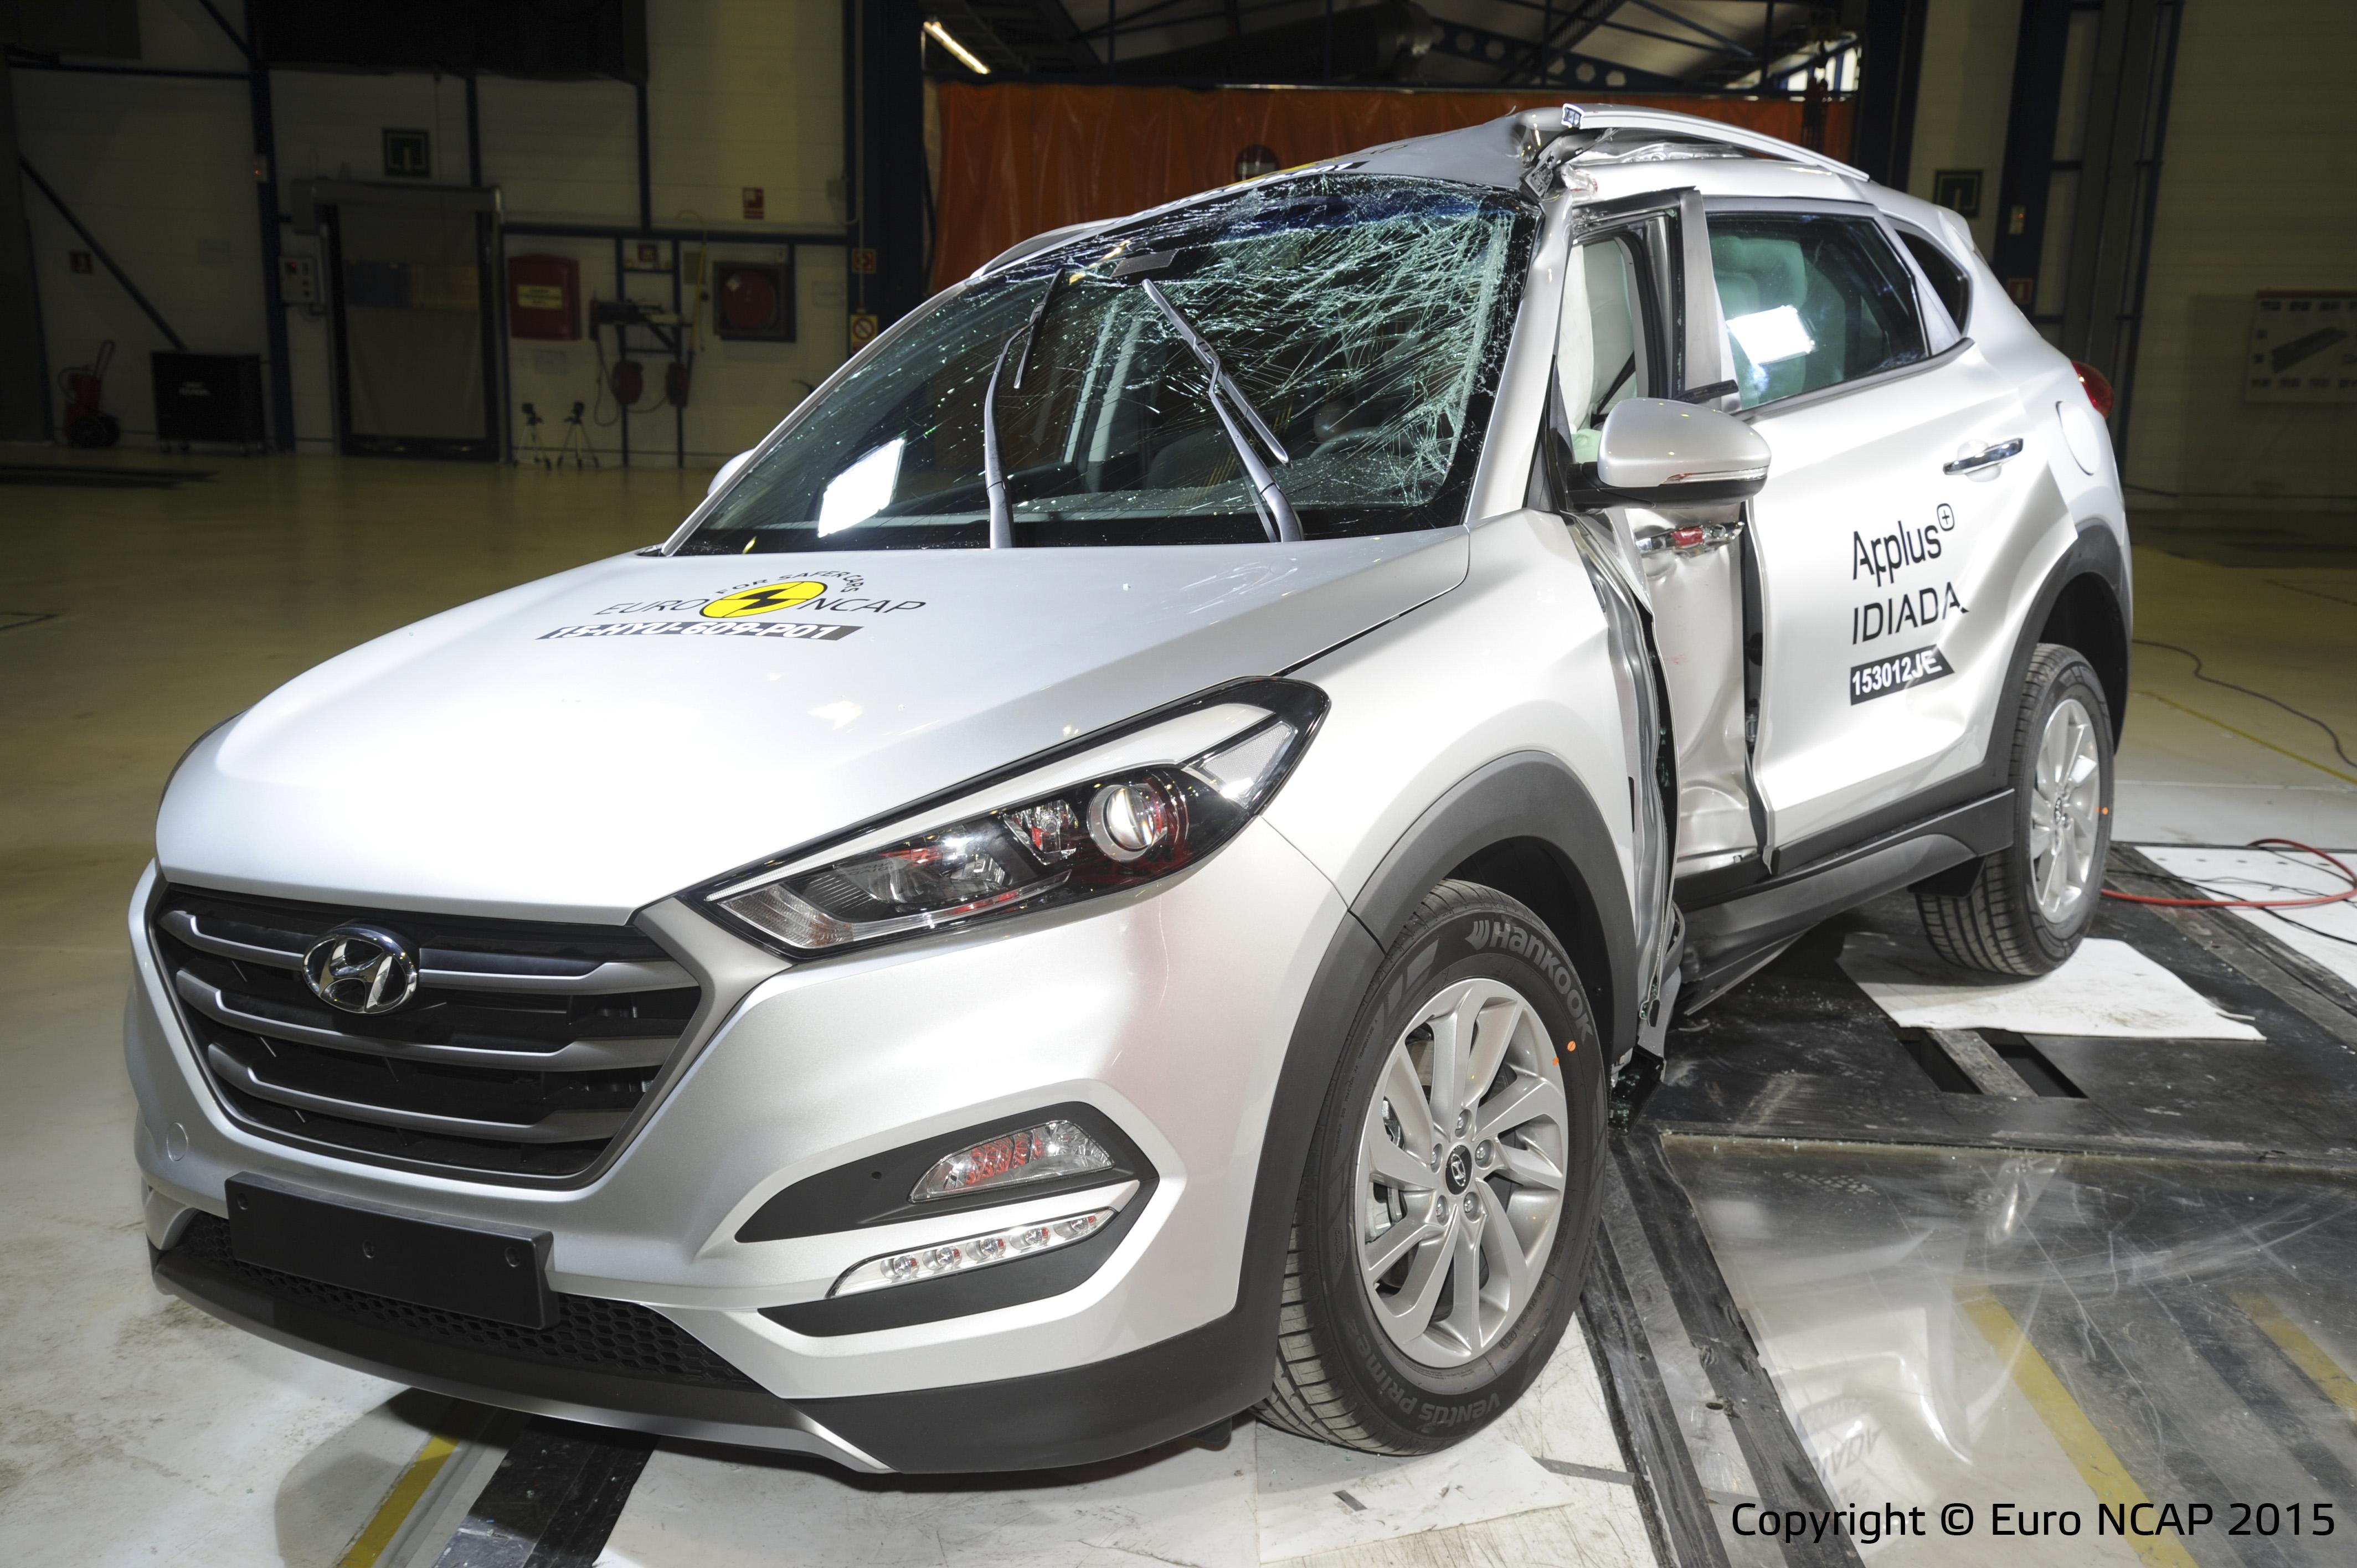 Gemene schade aan de Hyundai Tucson, maar heel weinig mis met de bescherming die hij dan biedt.